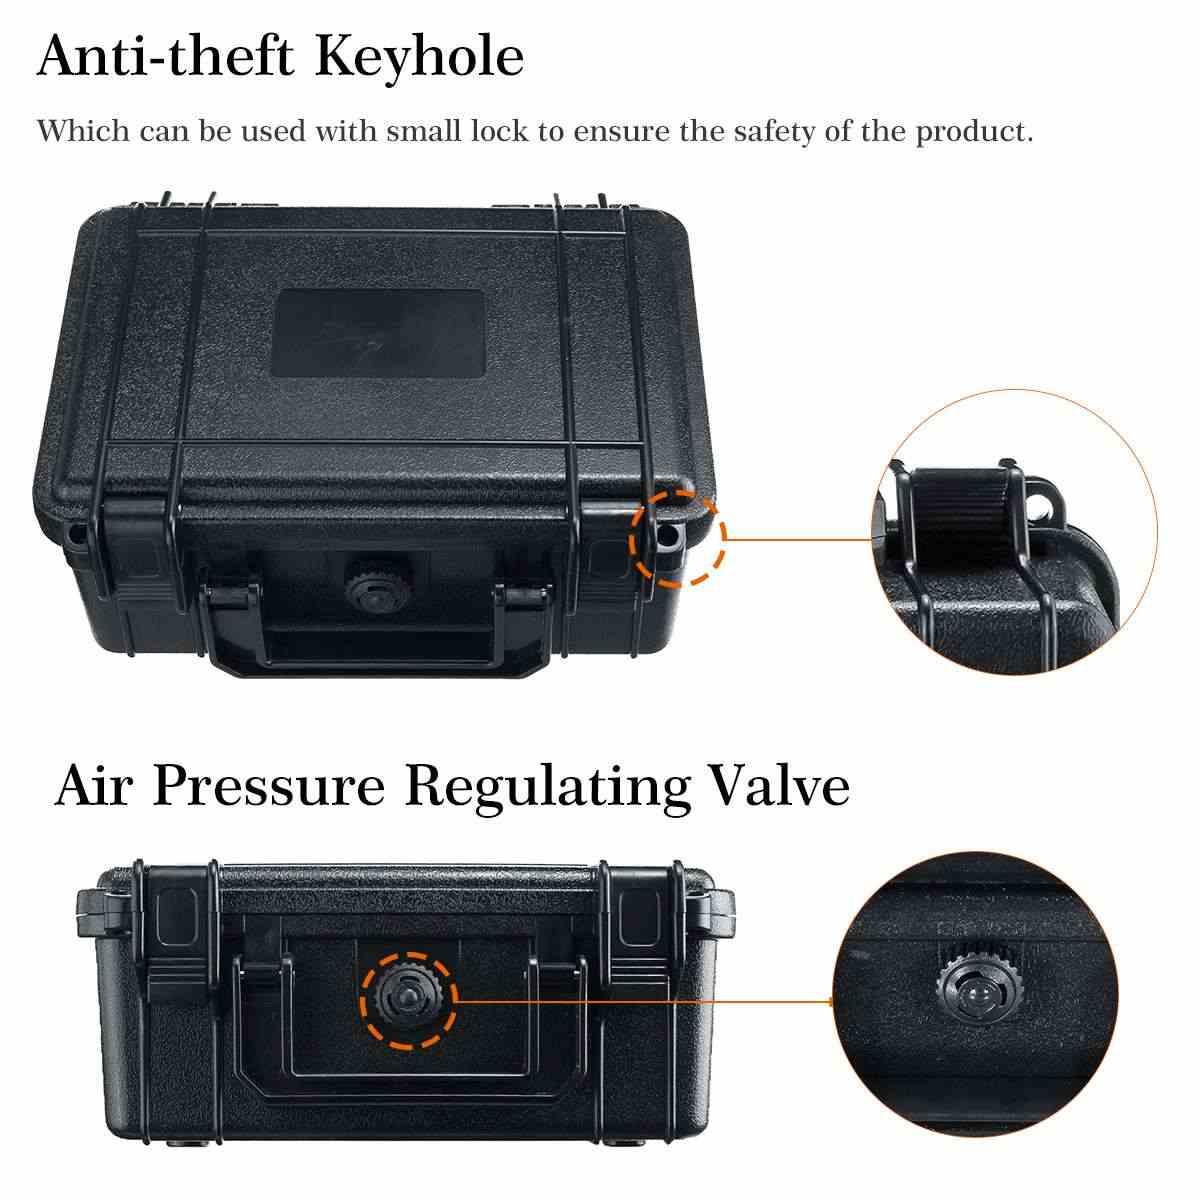 Защитный ящик для инструментов безопасности водонепроницаемый противоударный ящик для инструментов герметичный чехол для инструментов ударопрочный чемодан с губкой